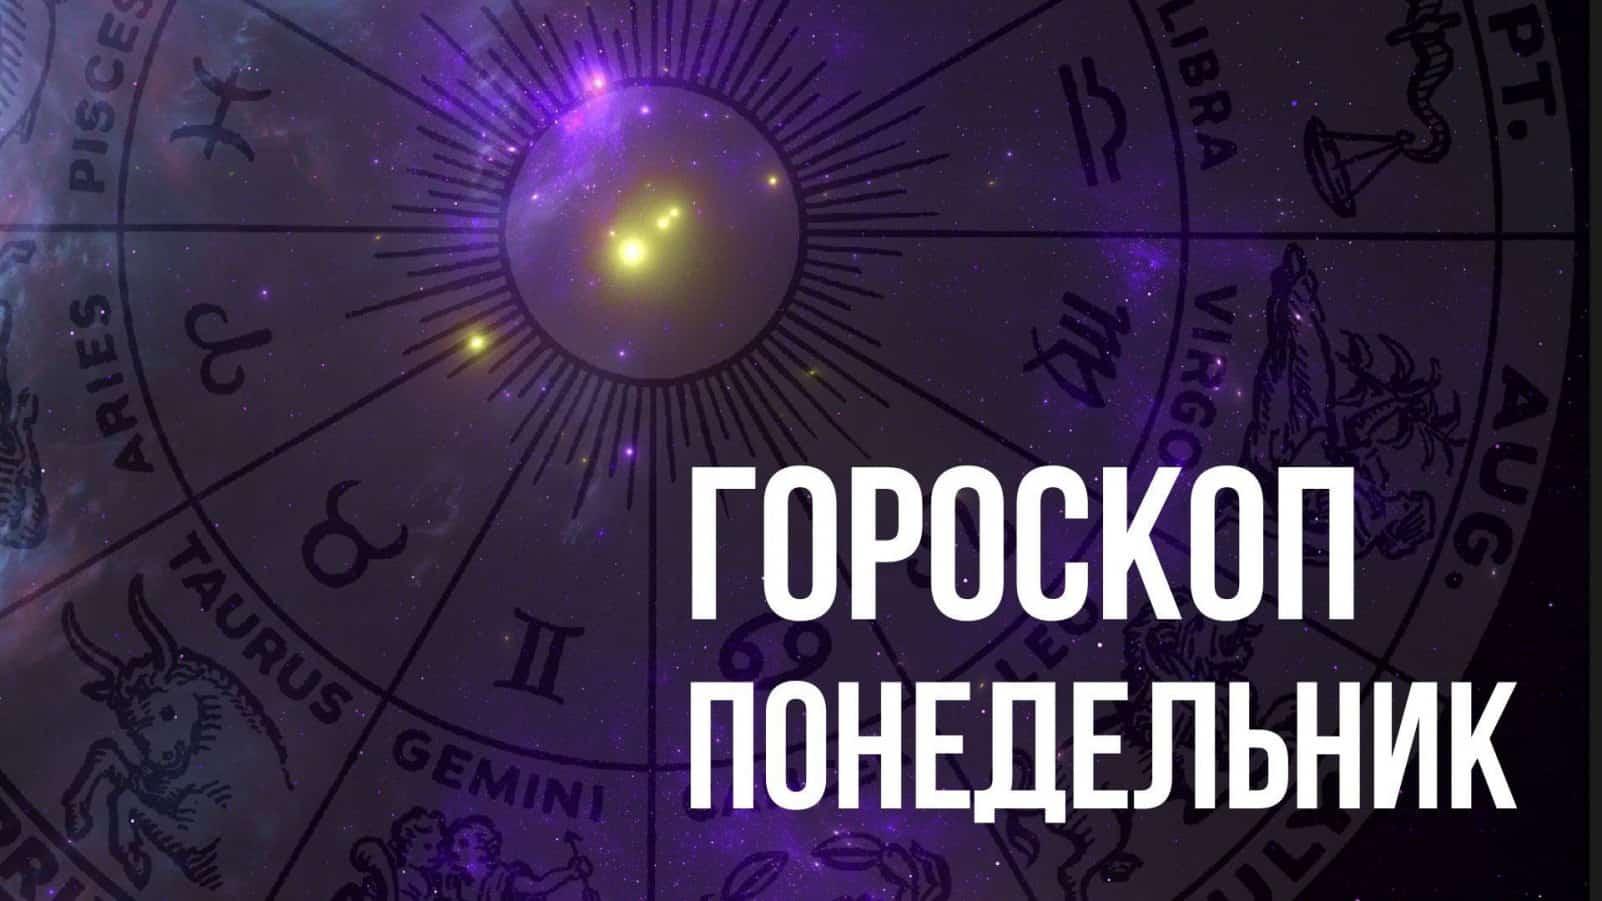 Гороскоп на понедельник 3 мая для каждого знака Зодиака